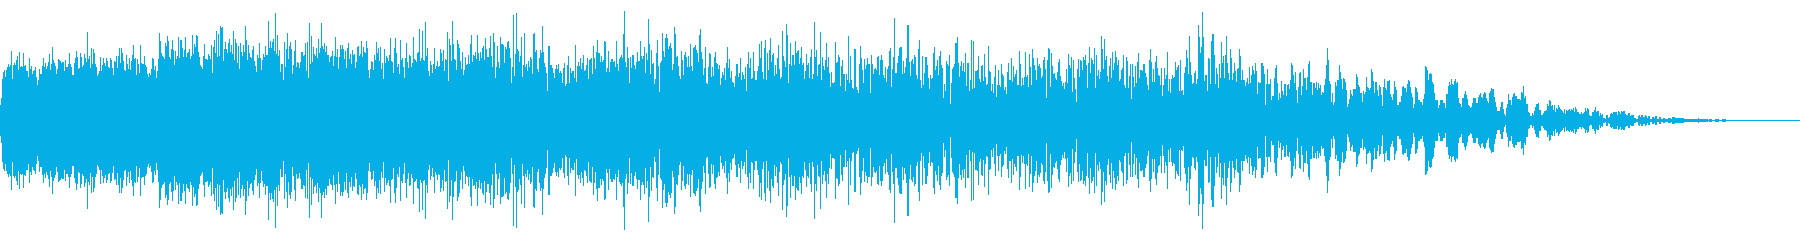 機械ダウン、壊れるA05の再生済みの波形